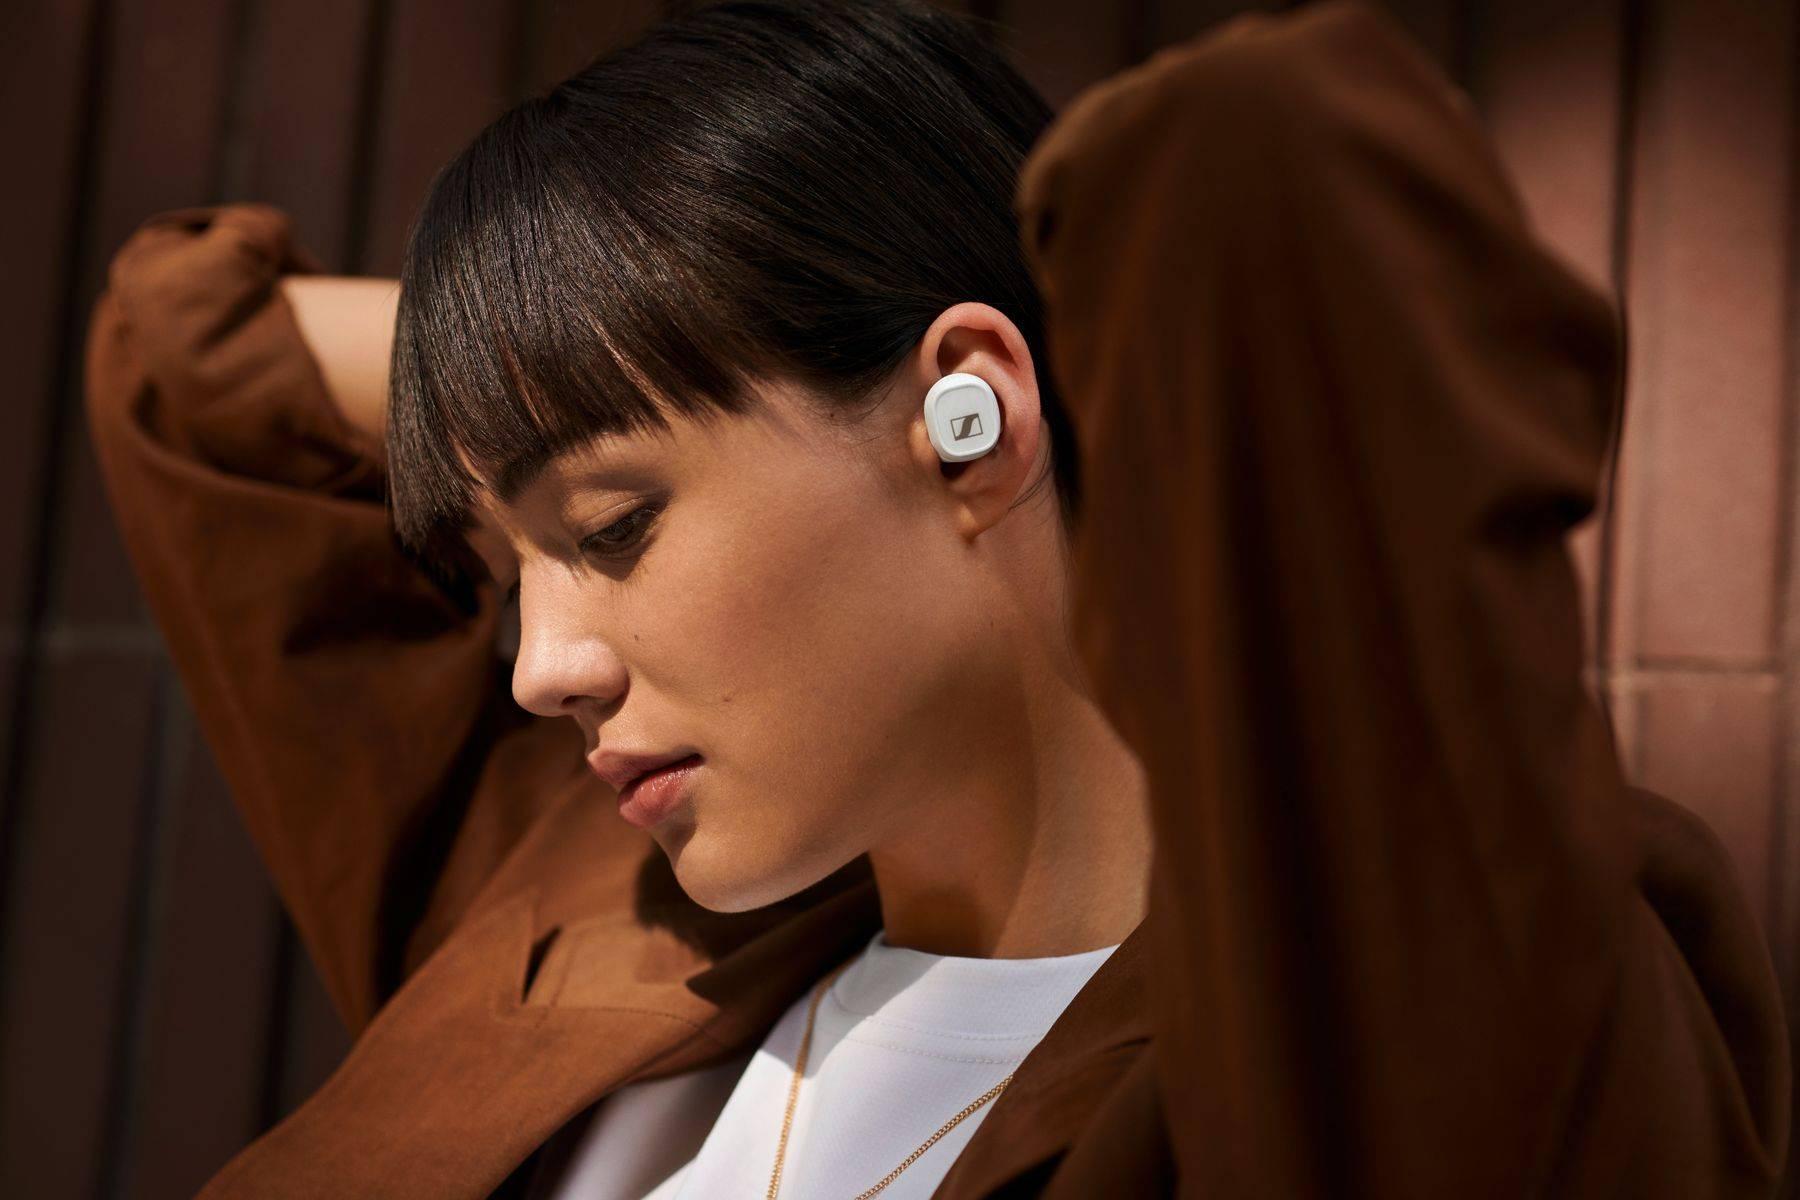 卓越音质 量身定制 森海塞尔发布CX 400BT真无线耳机